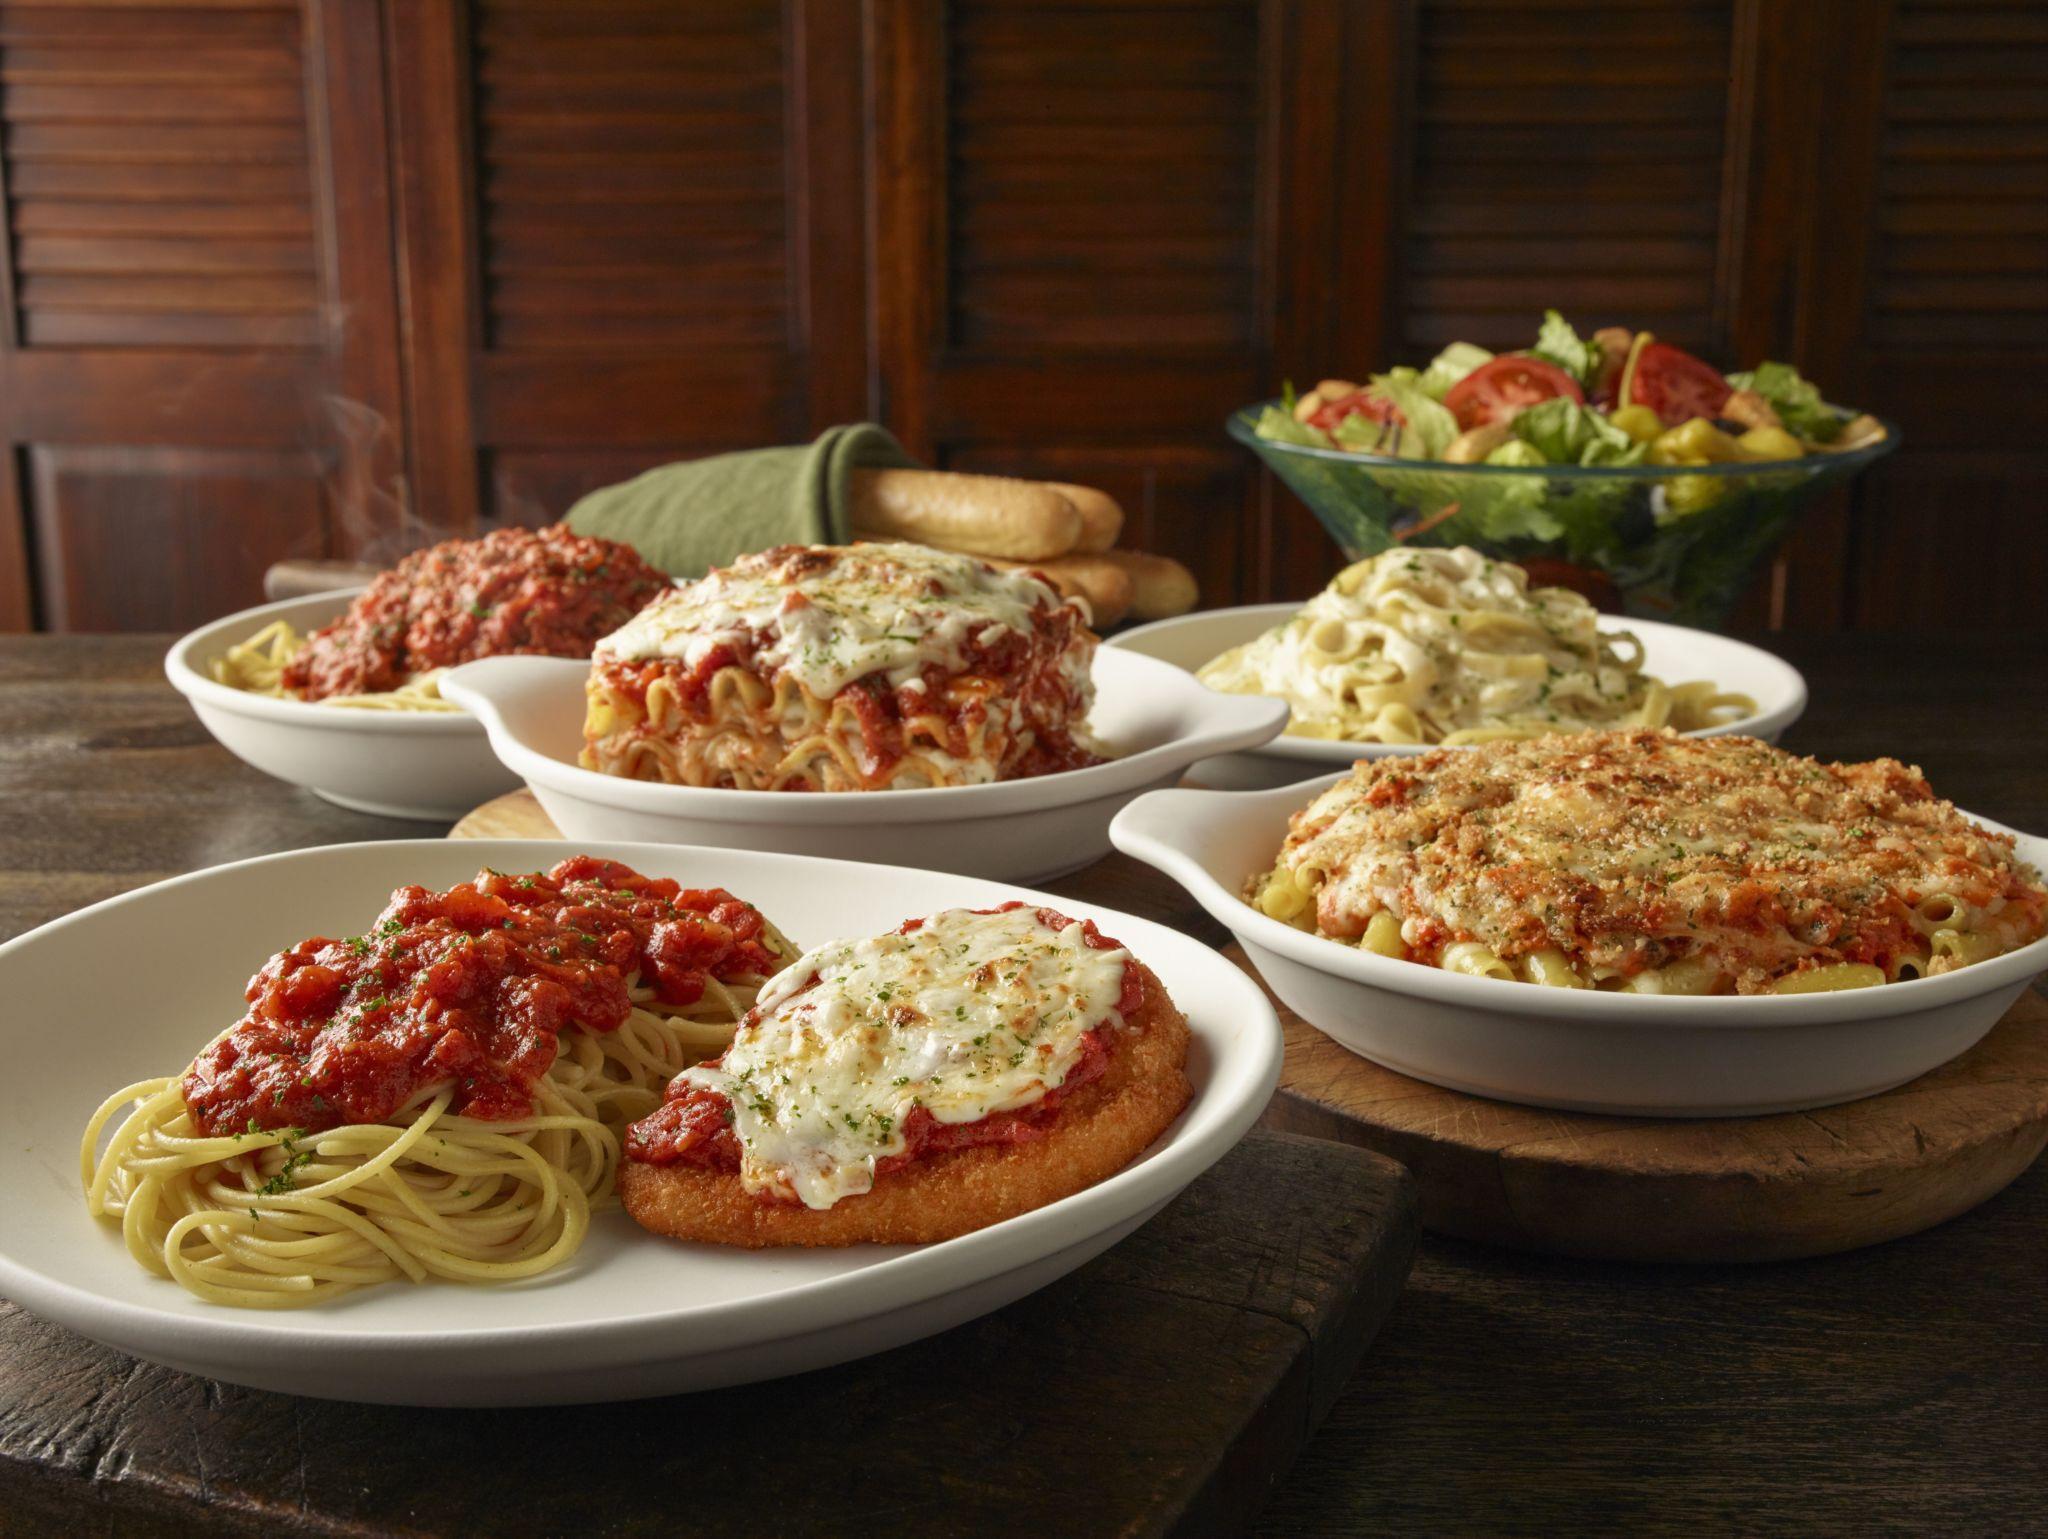 Olive Garden Early Dinner Duos  Olive Garden la tradición de innovar con sus platos